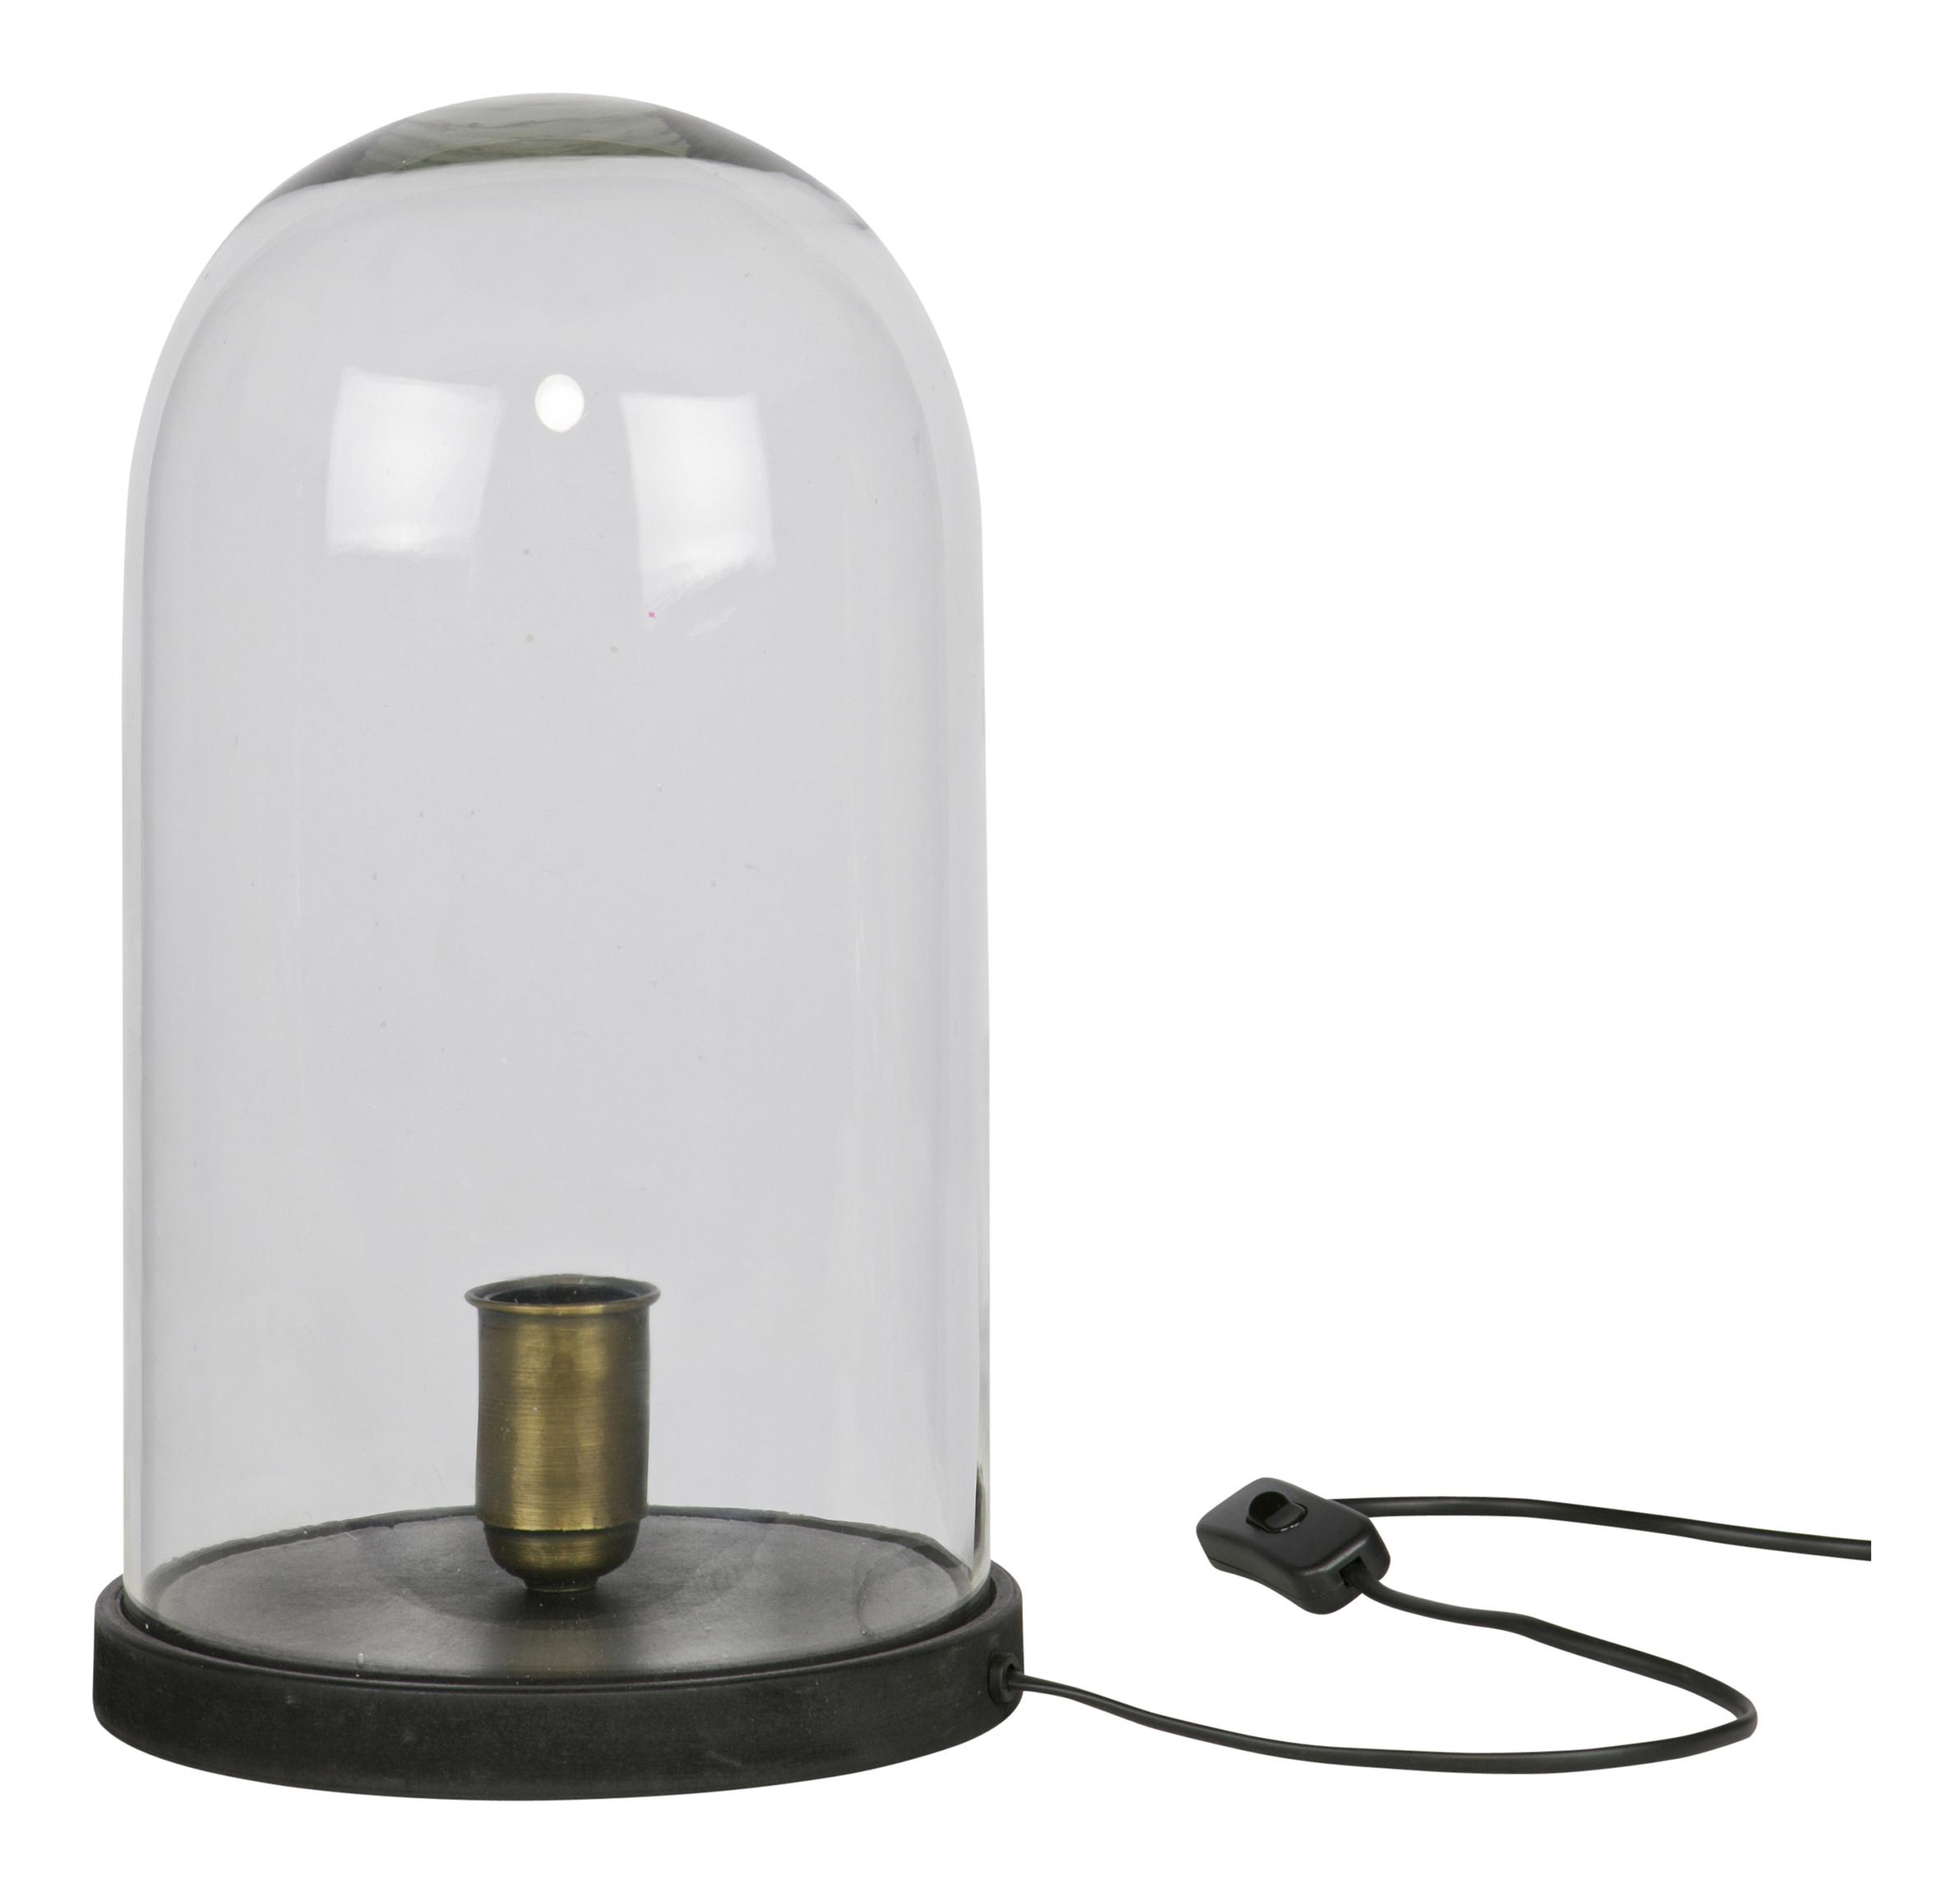 BePureHome Tafellamp 'Cover' Stolp, kleur Zwart Verlichting | Tafellampen kopen